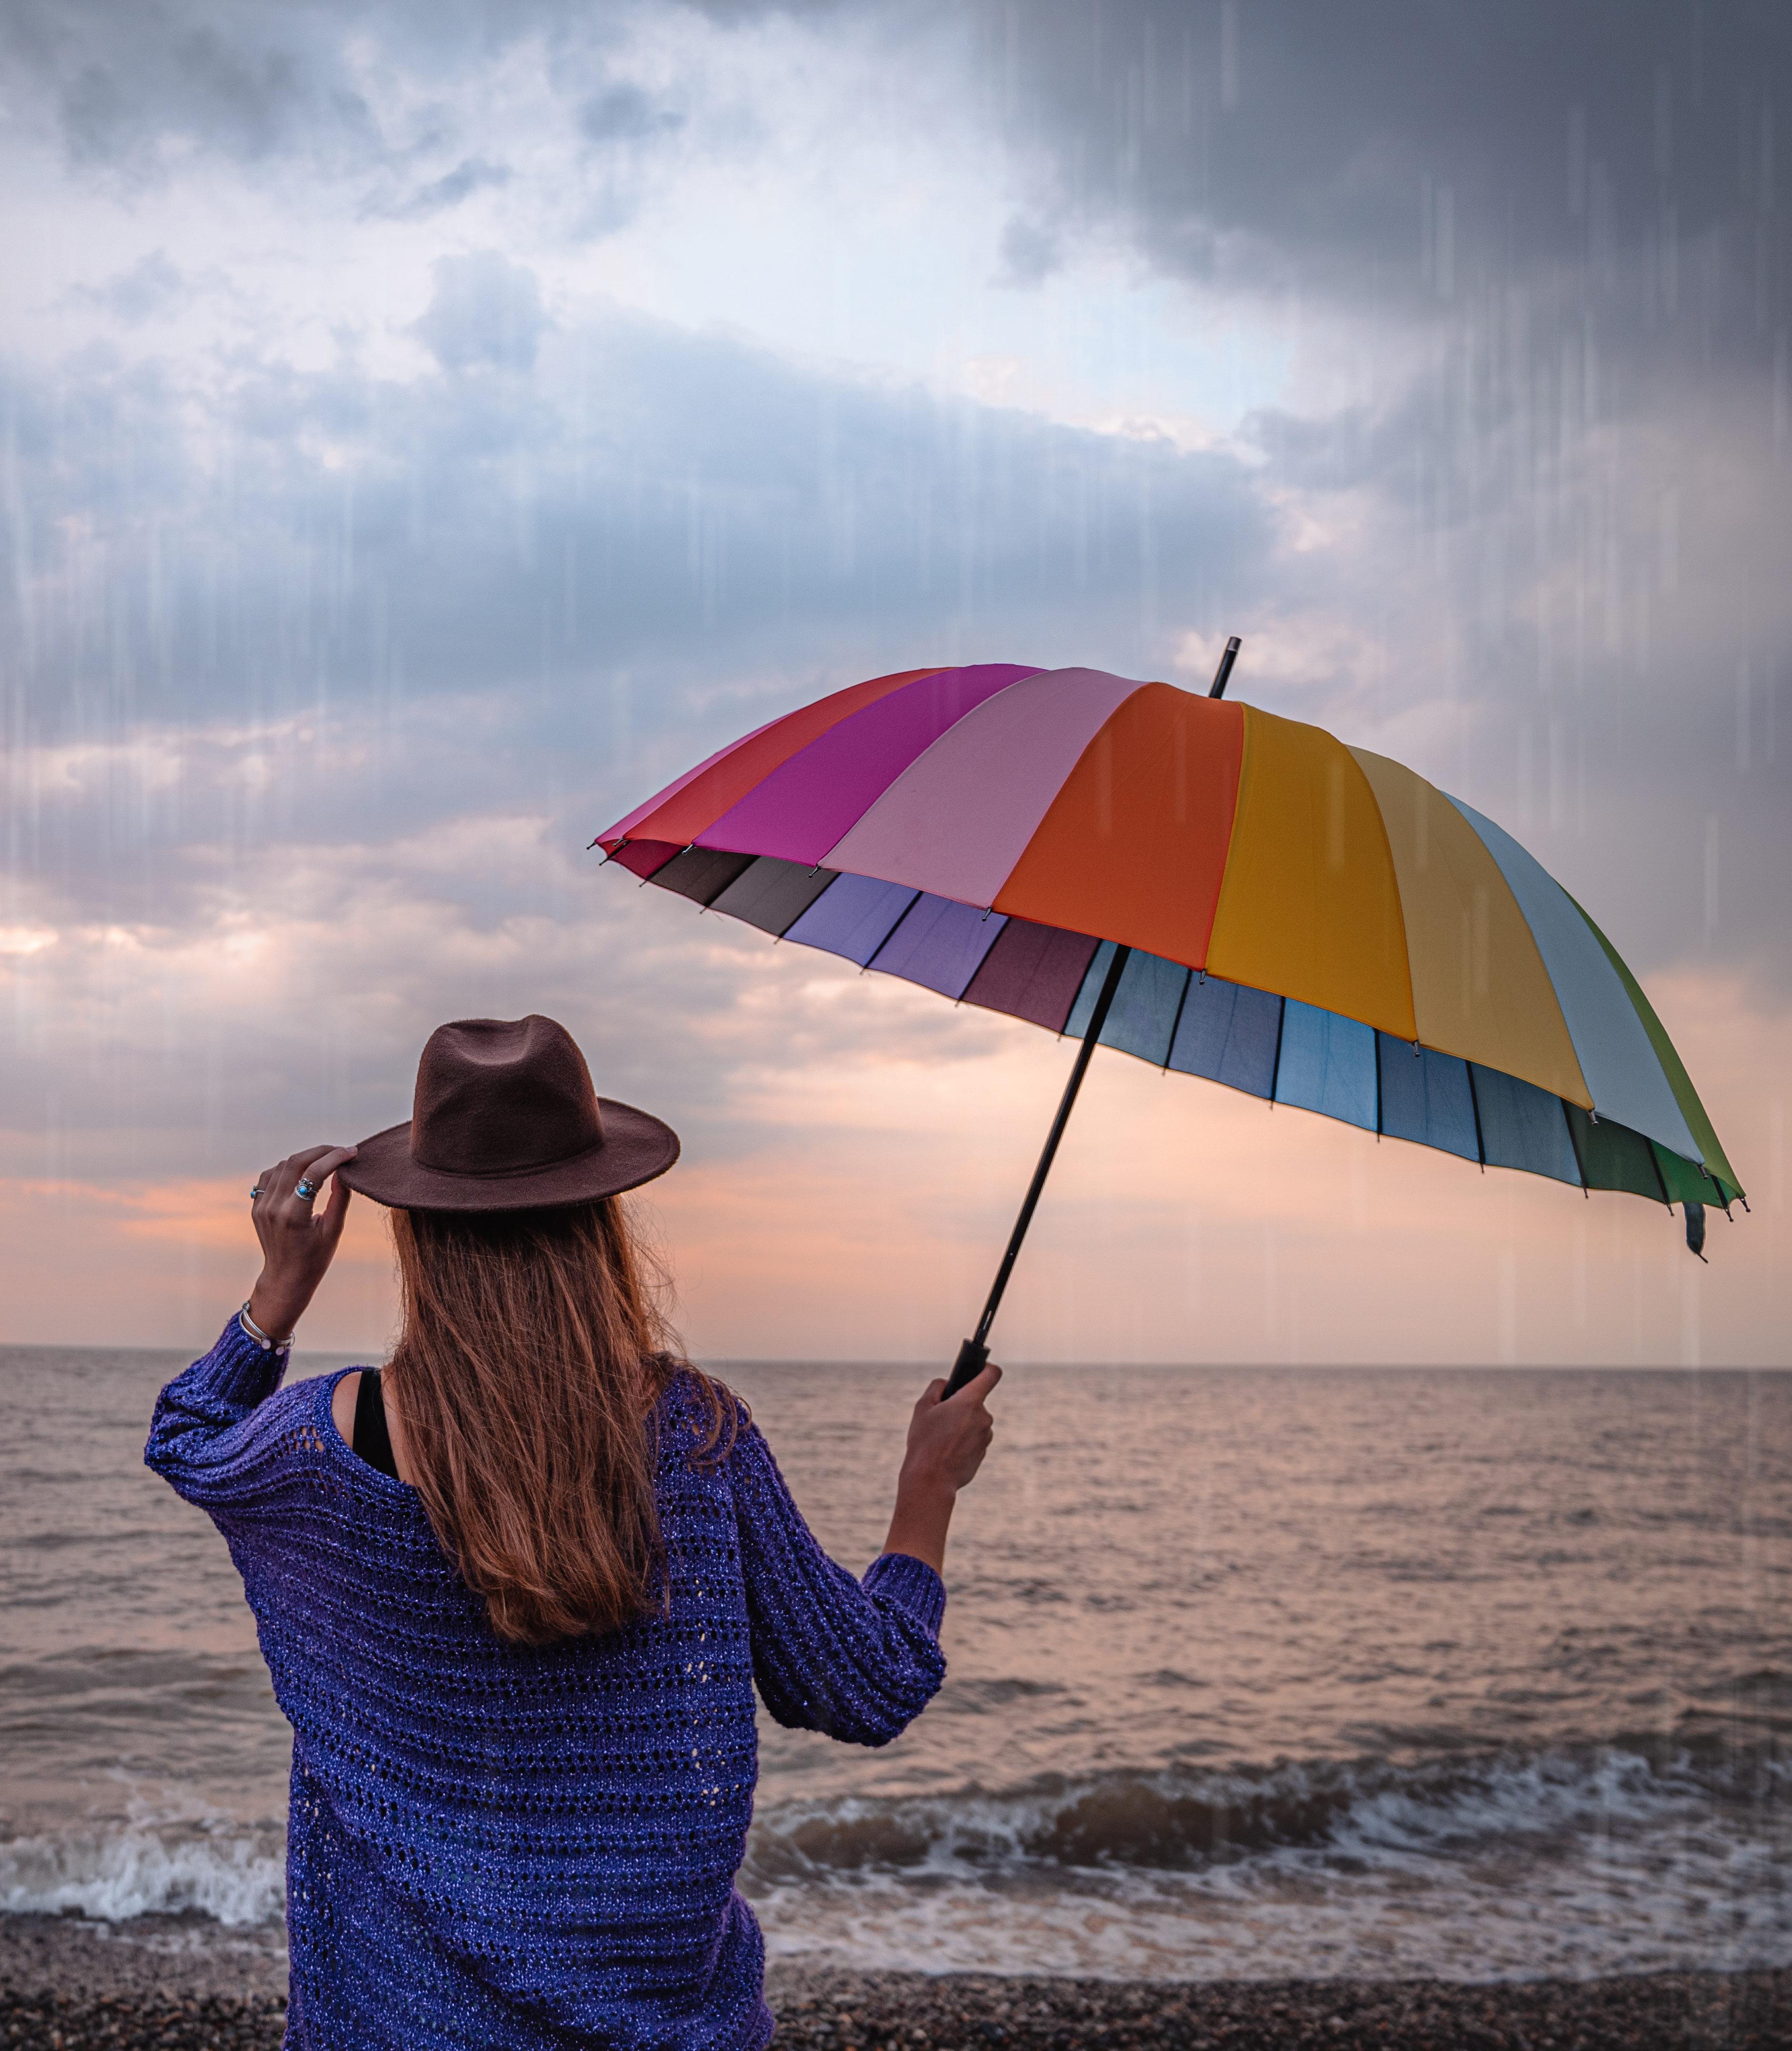 Une femme devant la mer sous un parapluie arc-en-ciel et un chapeau sous la pluie